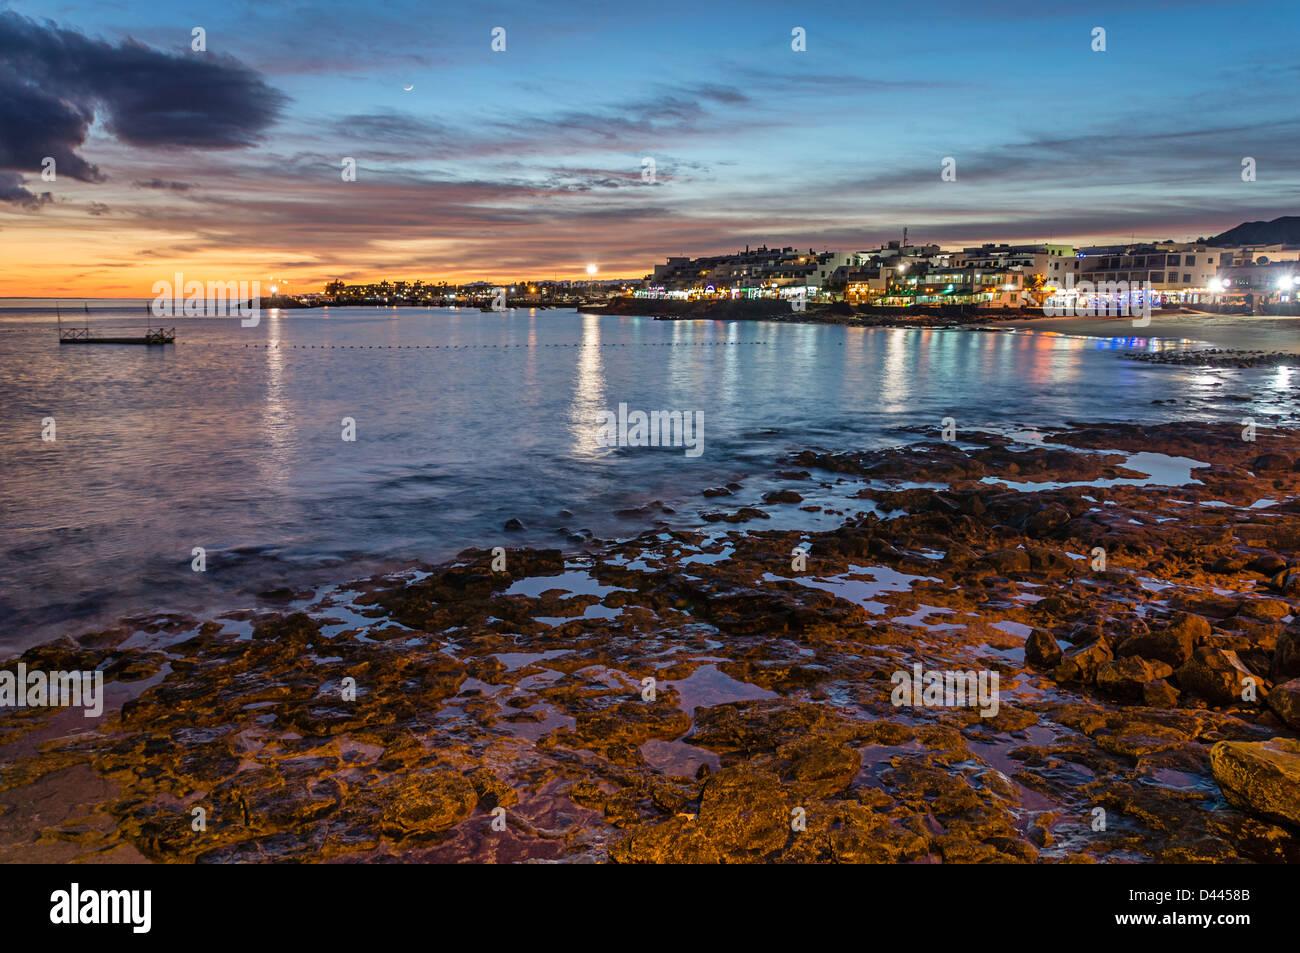 Playa Blanca Sonnenuntergang, Lanzarote, Kanarische Inseln, Spanien Stockbild